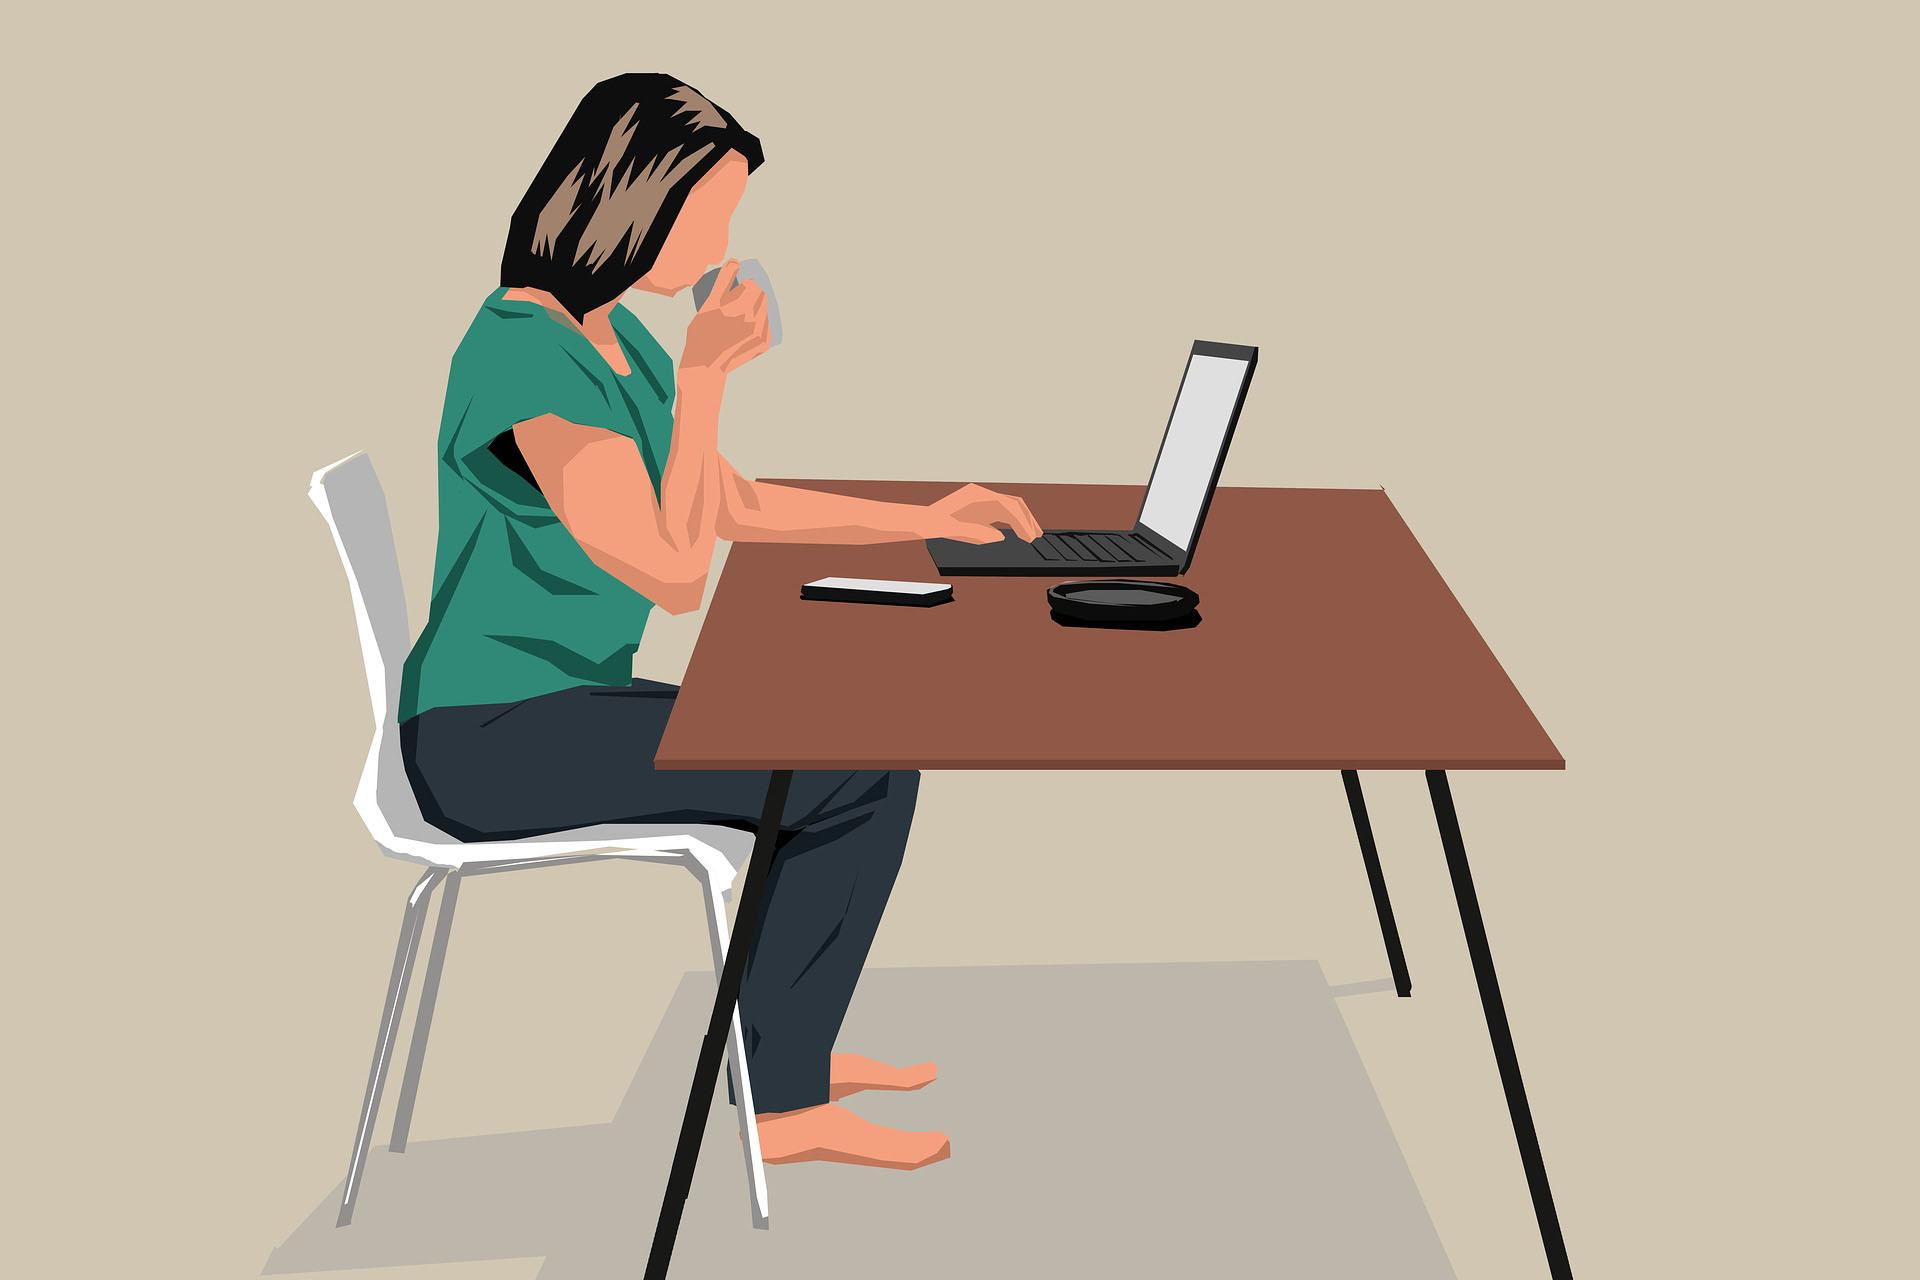 每天久坐6小时等于慢性自杀?别再一直坐着了!